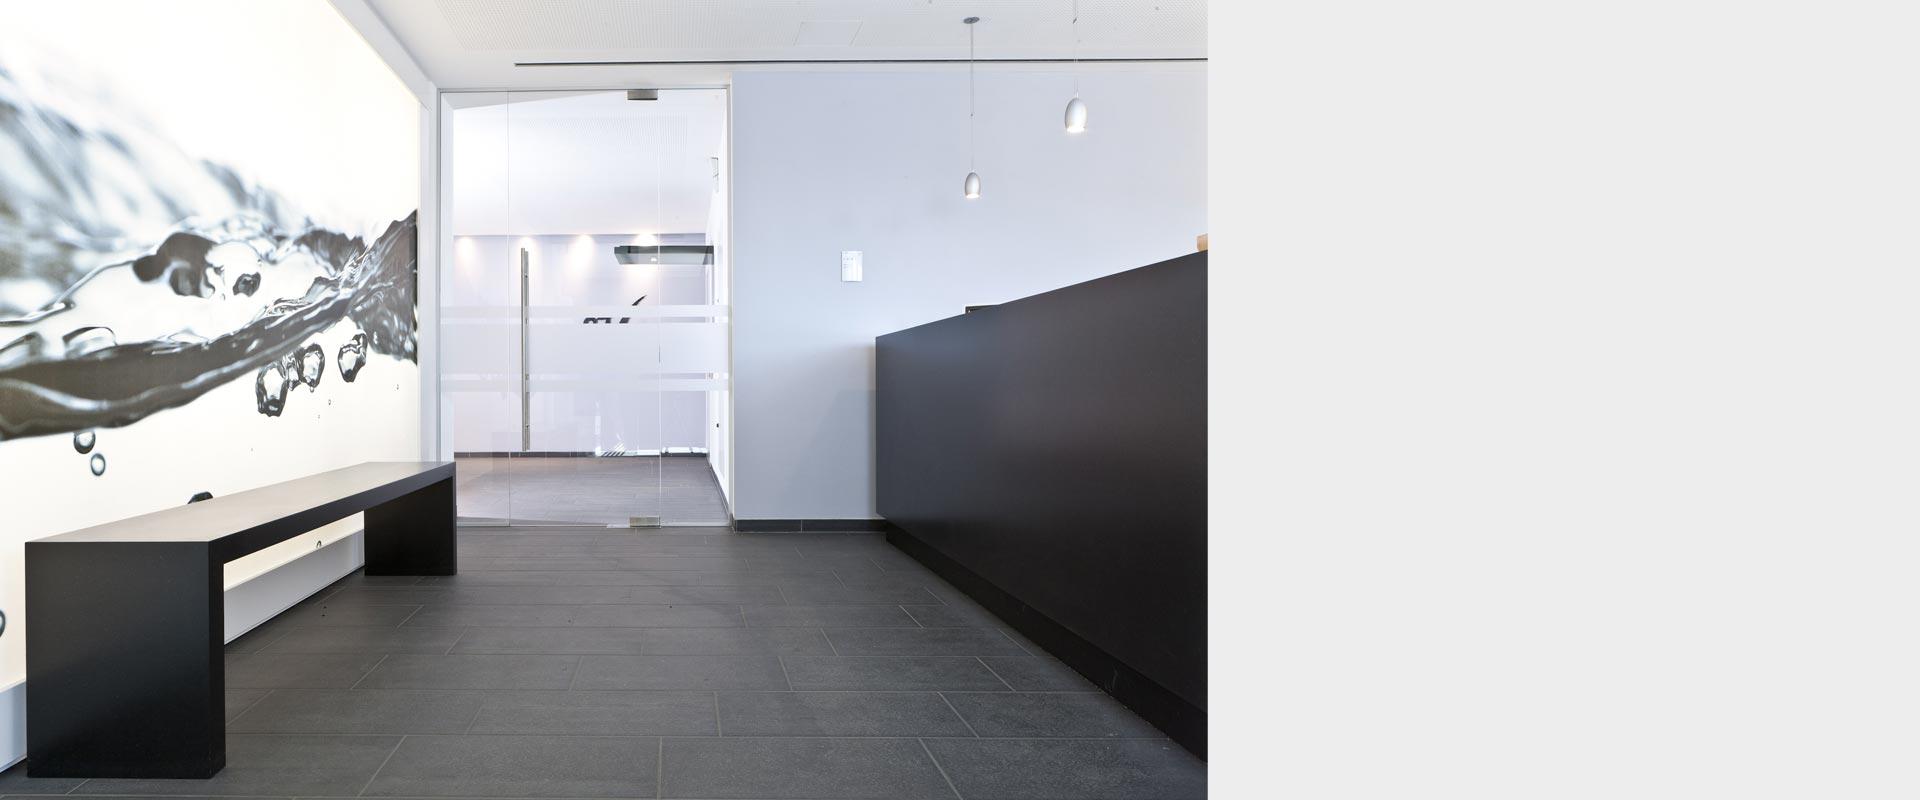 architekturbuero_henning_musahl_waldshut_stadtwerke03